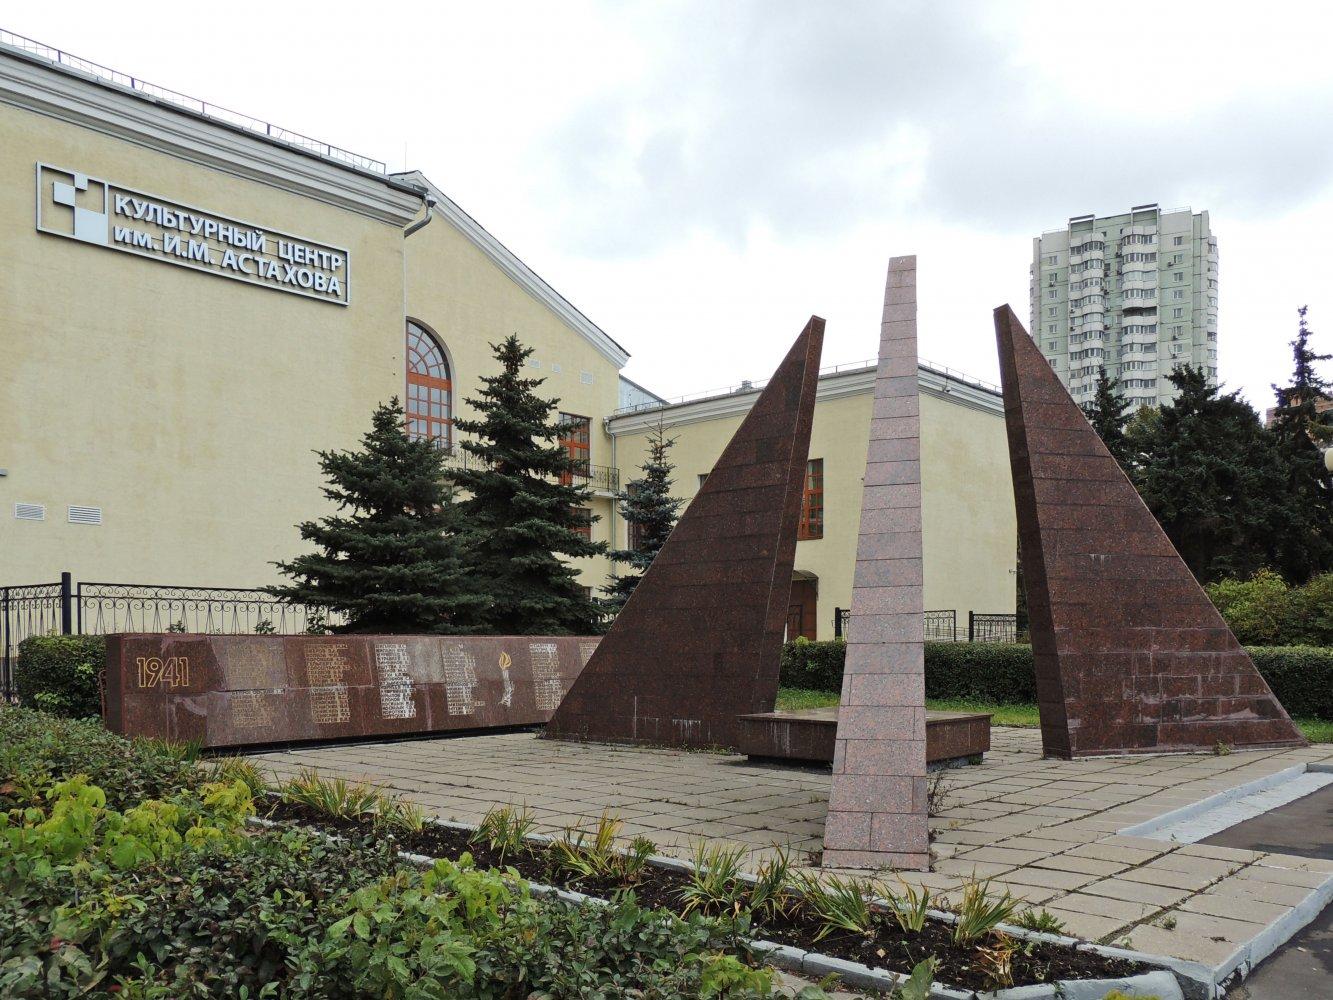 Фото DSCN9854.JPG. Россия, город Москва, Юго-Восточный административный округ, Люблинская улица, 149